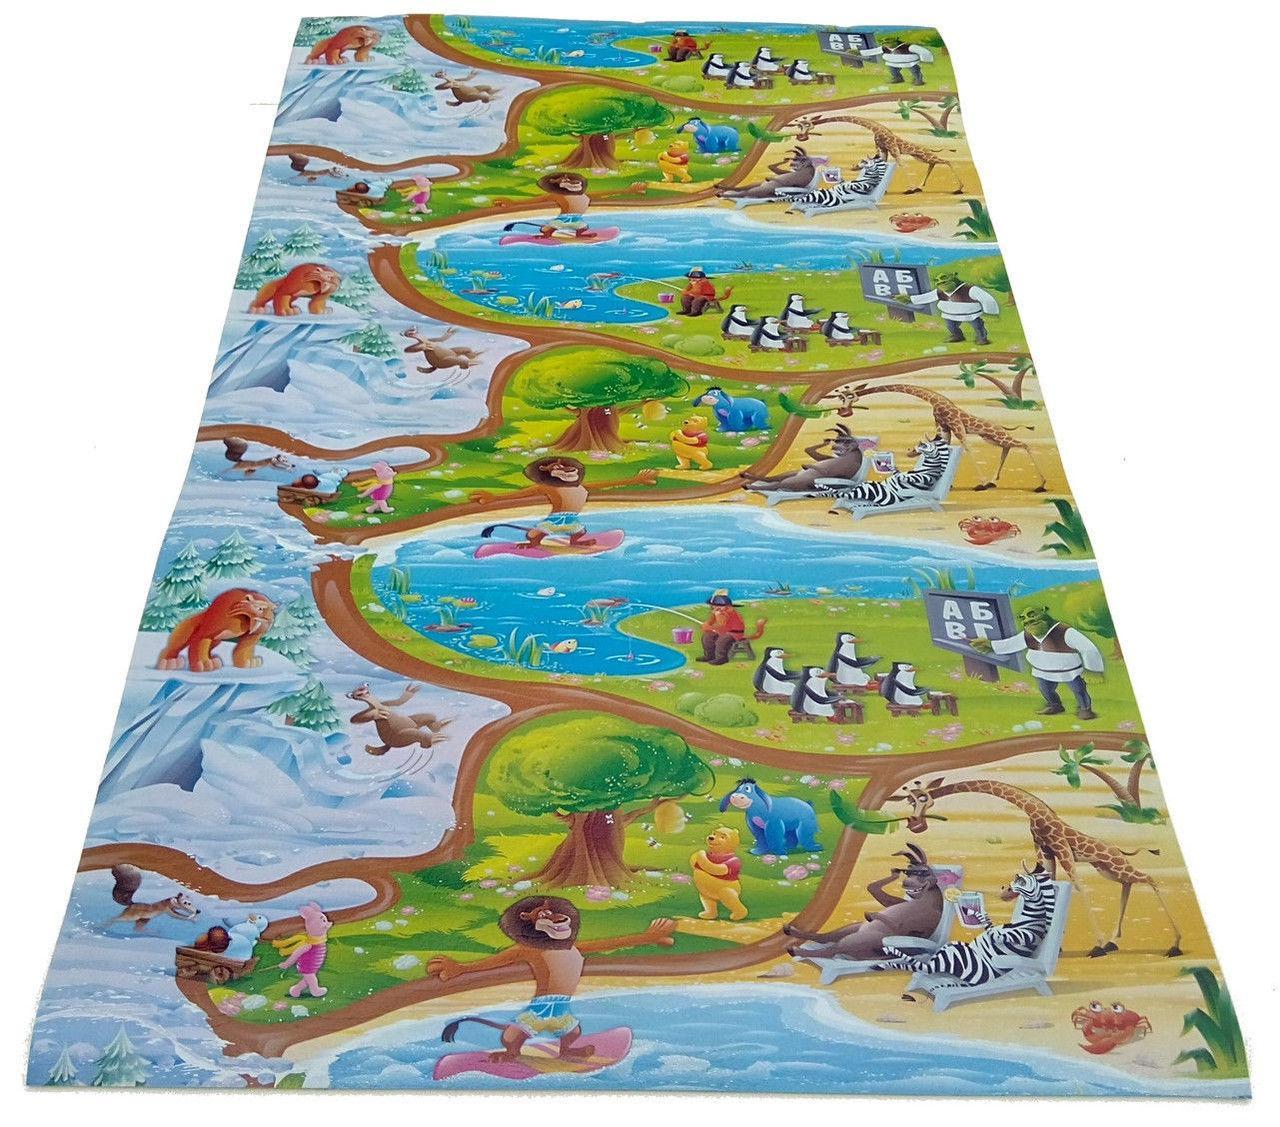 Детский игровой коврик Мадагаскар 1,5 м на 1,2 м 8 мм толщиной